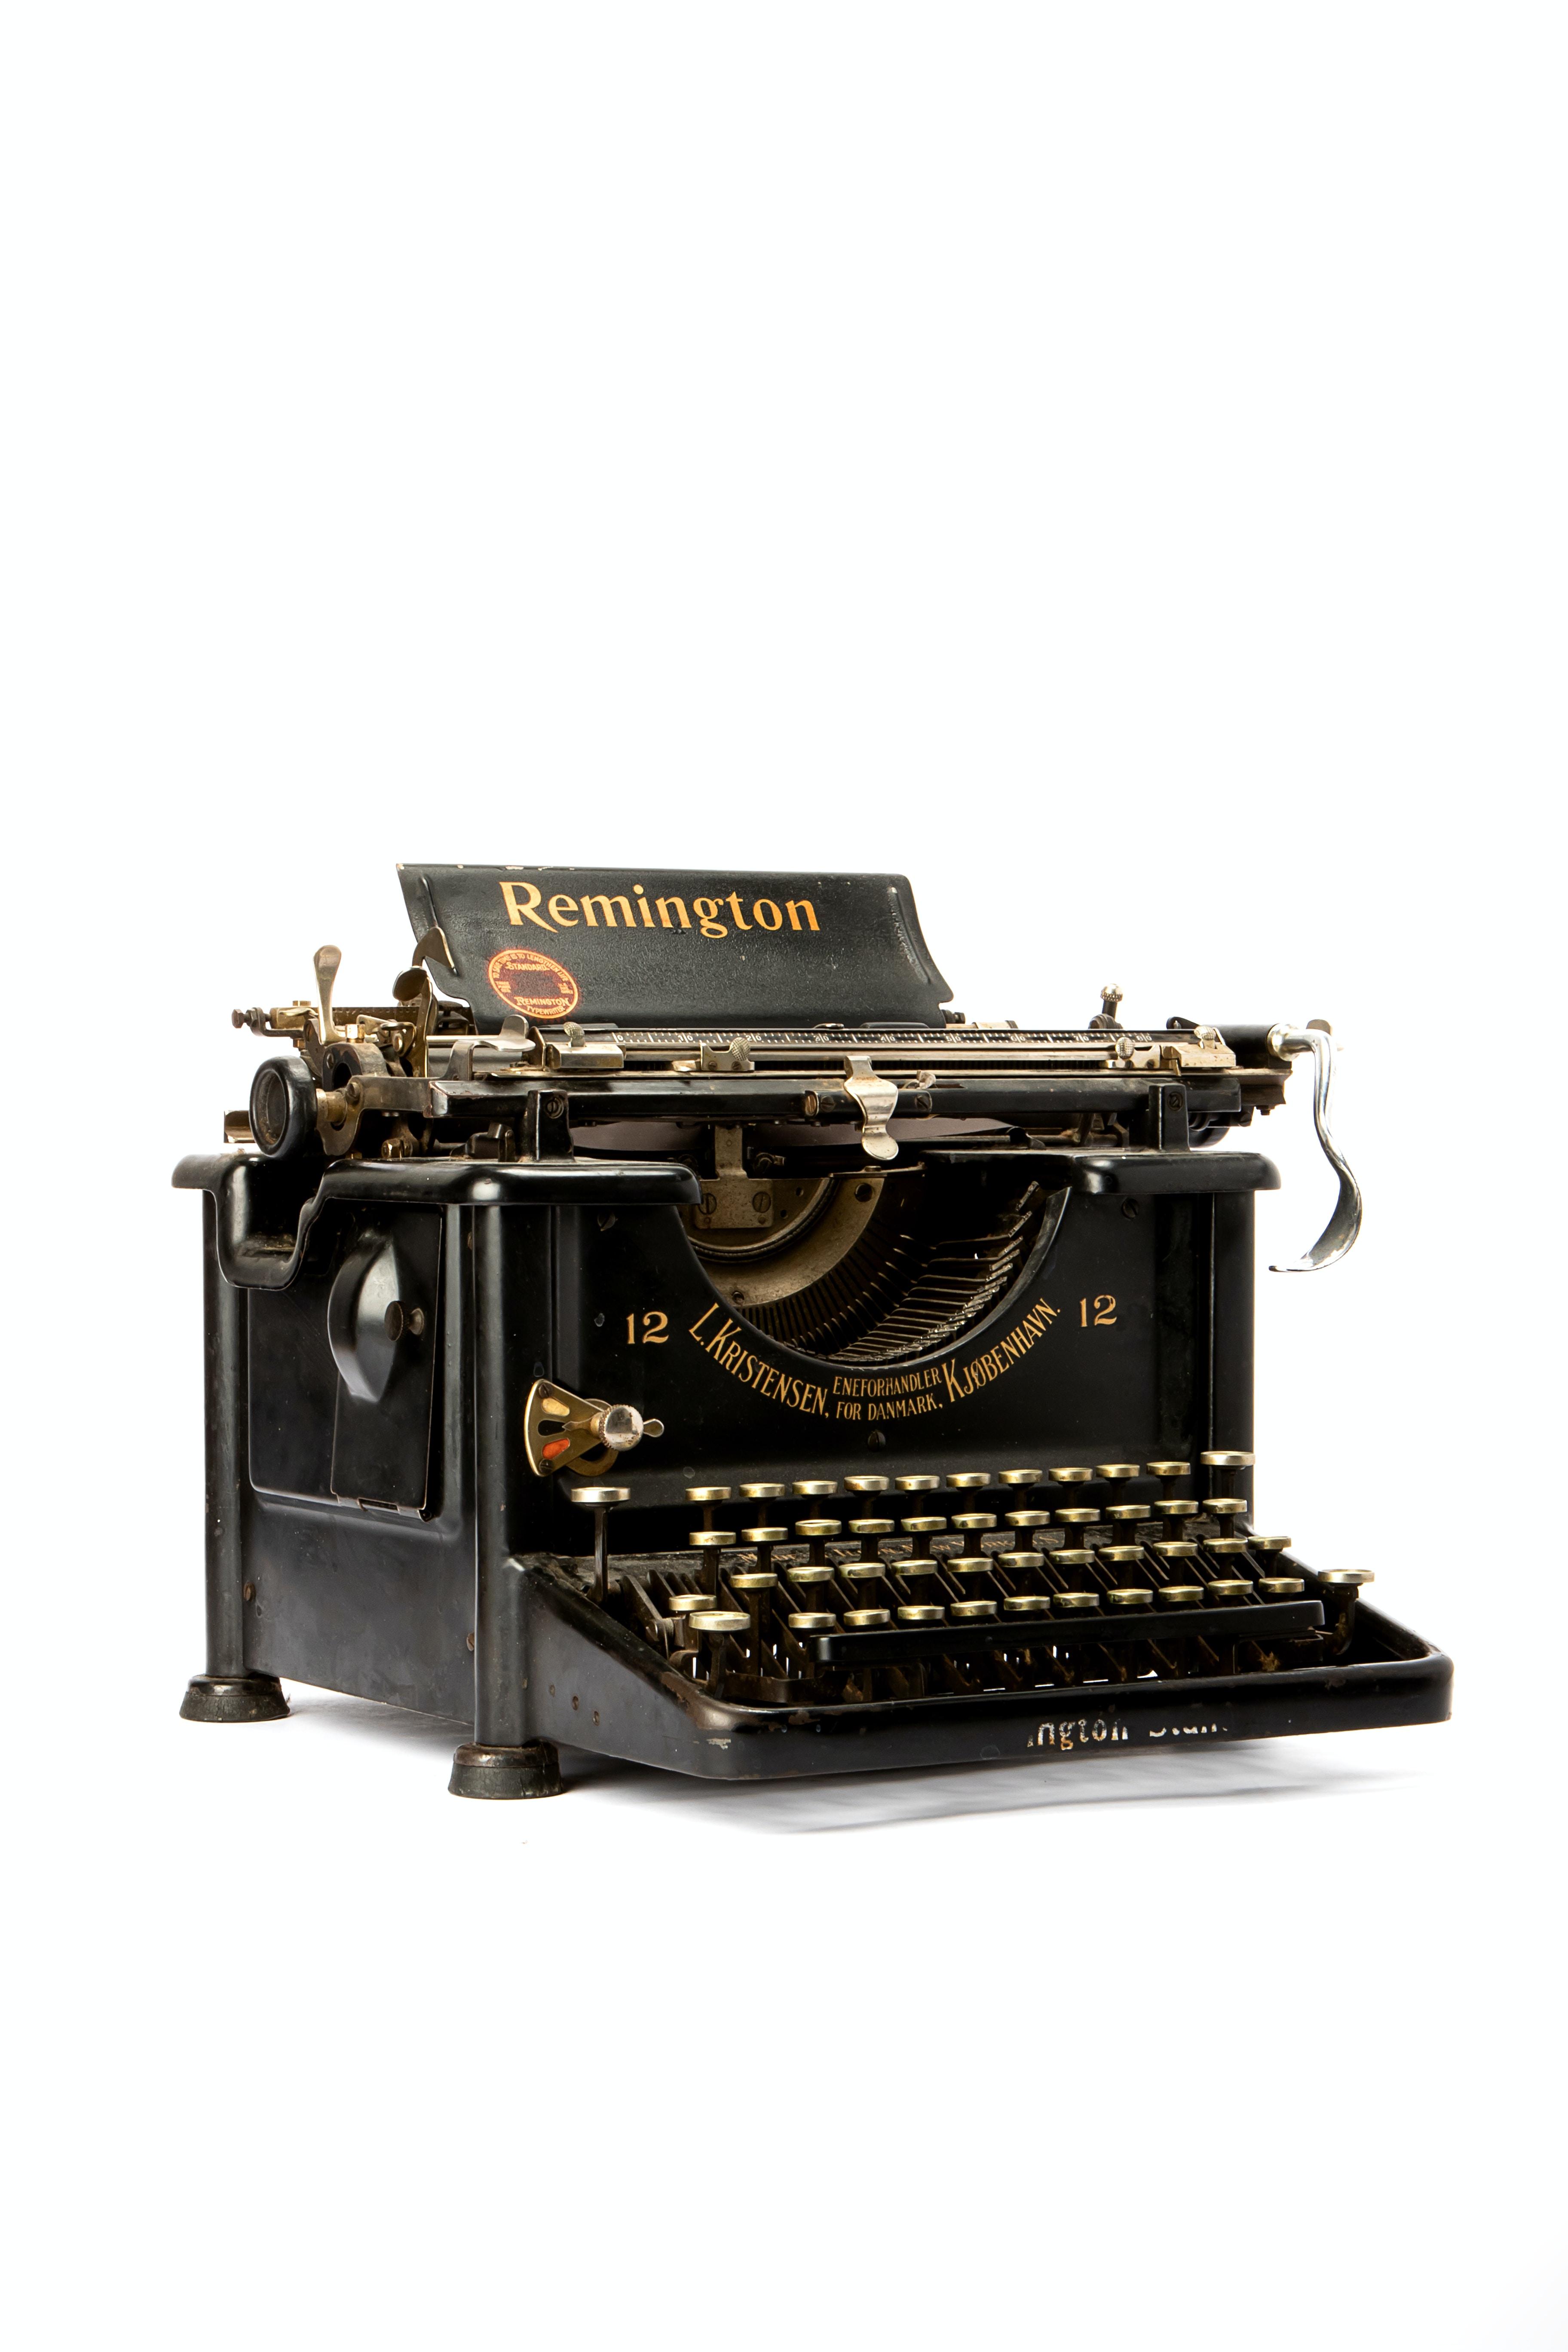 classic black Remington typewriter